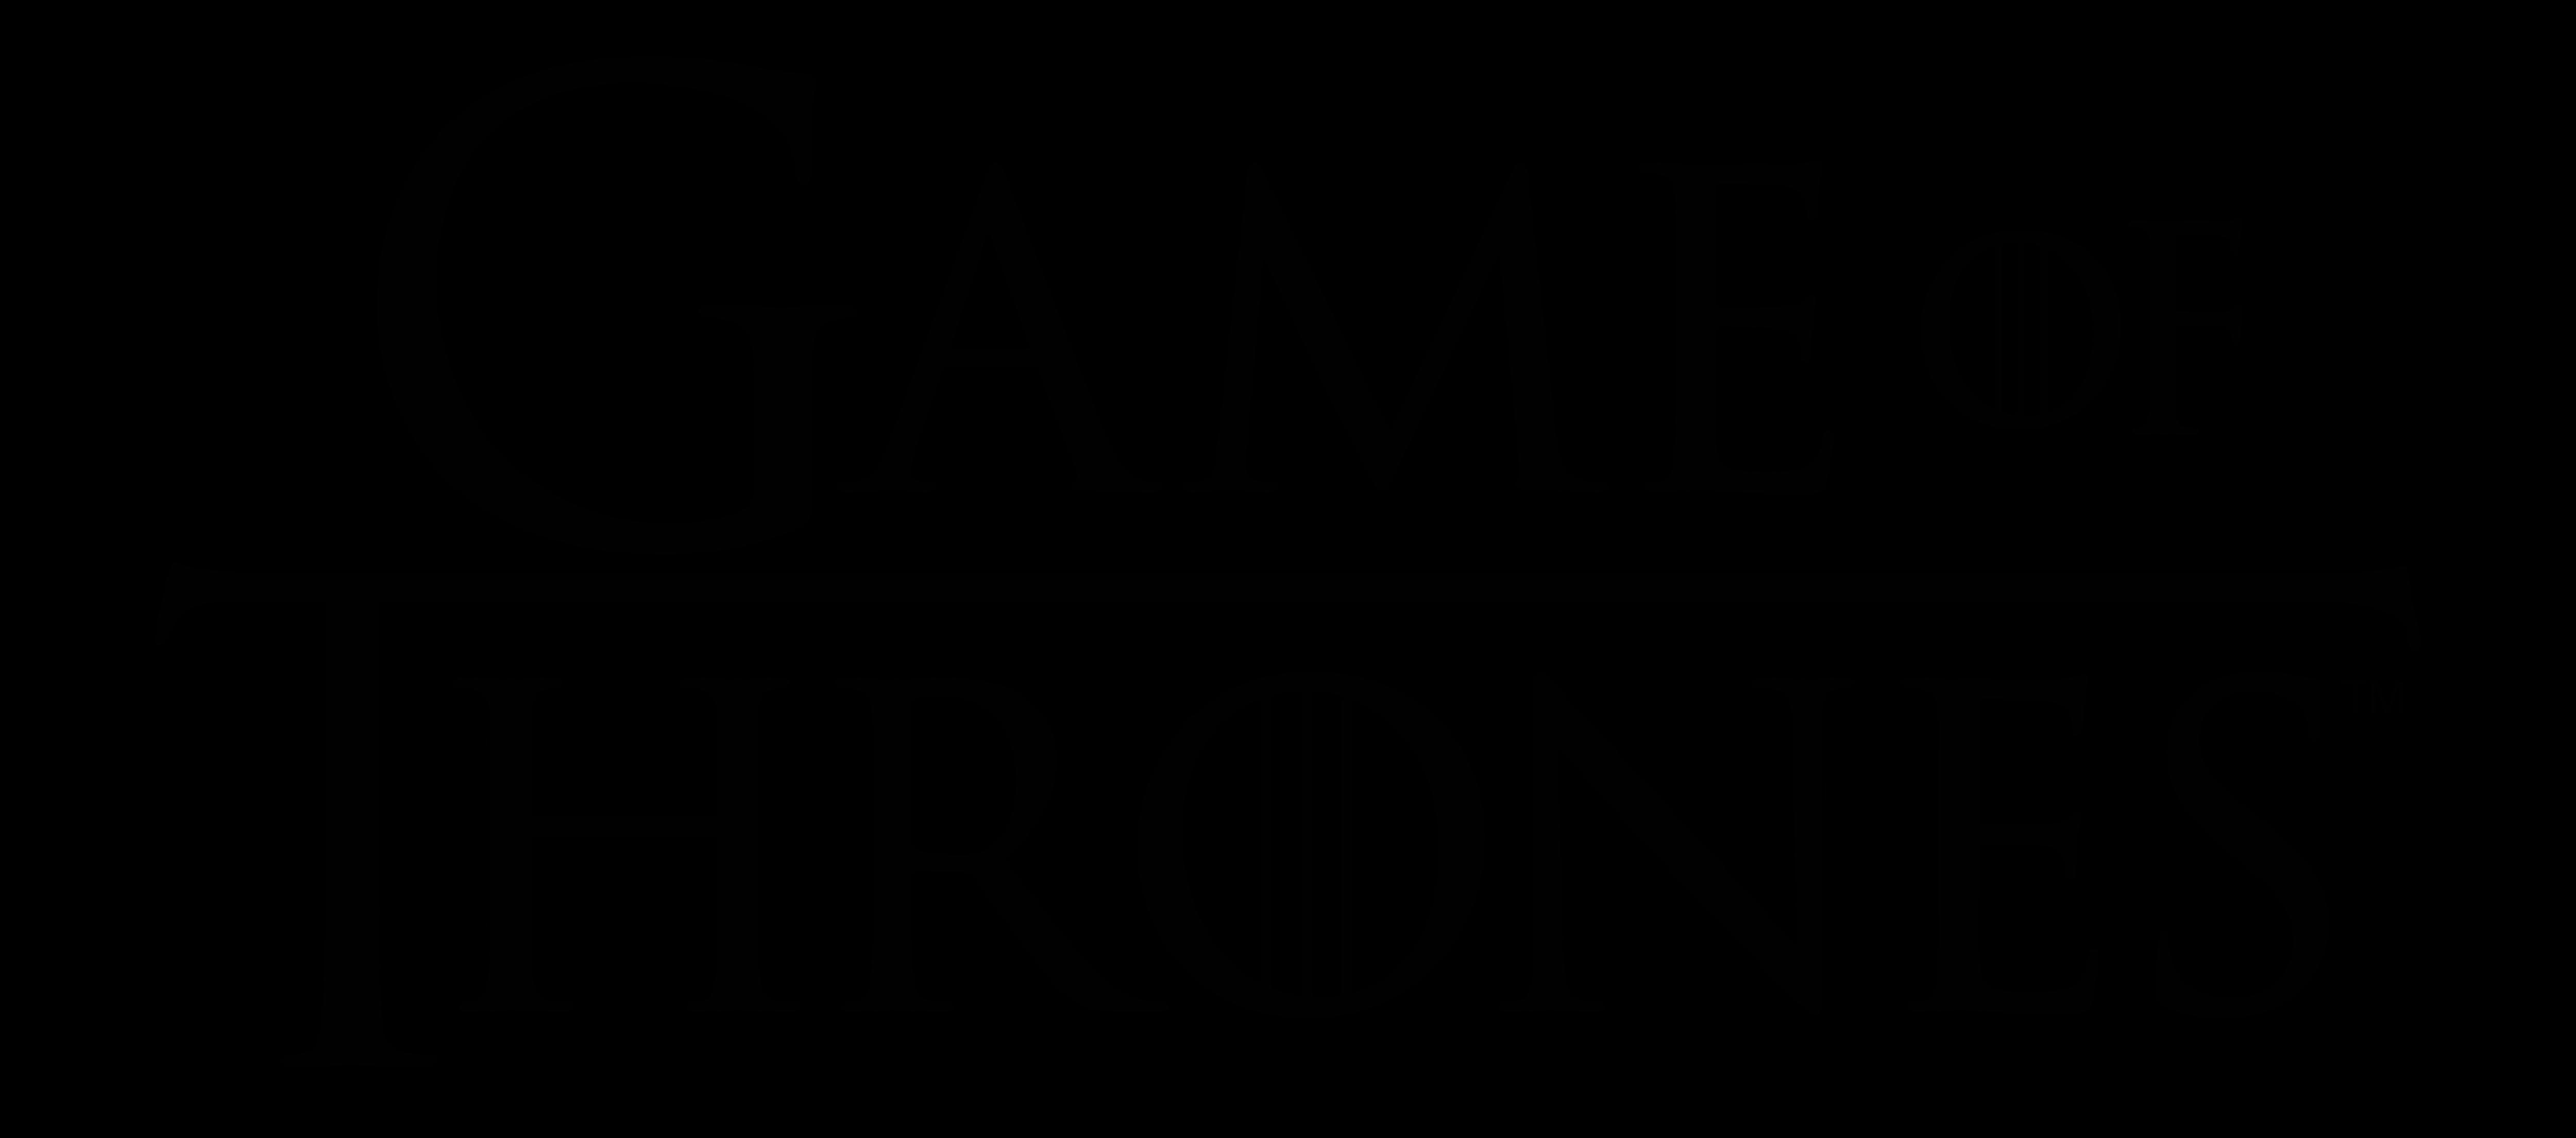 Game of Thrones logo, logotype, wordmark - Game Of Thrones Logo PNG